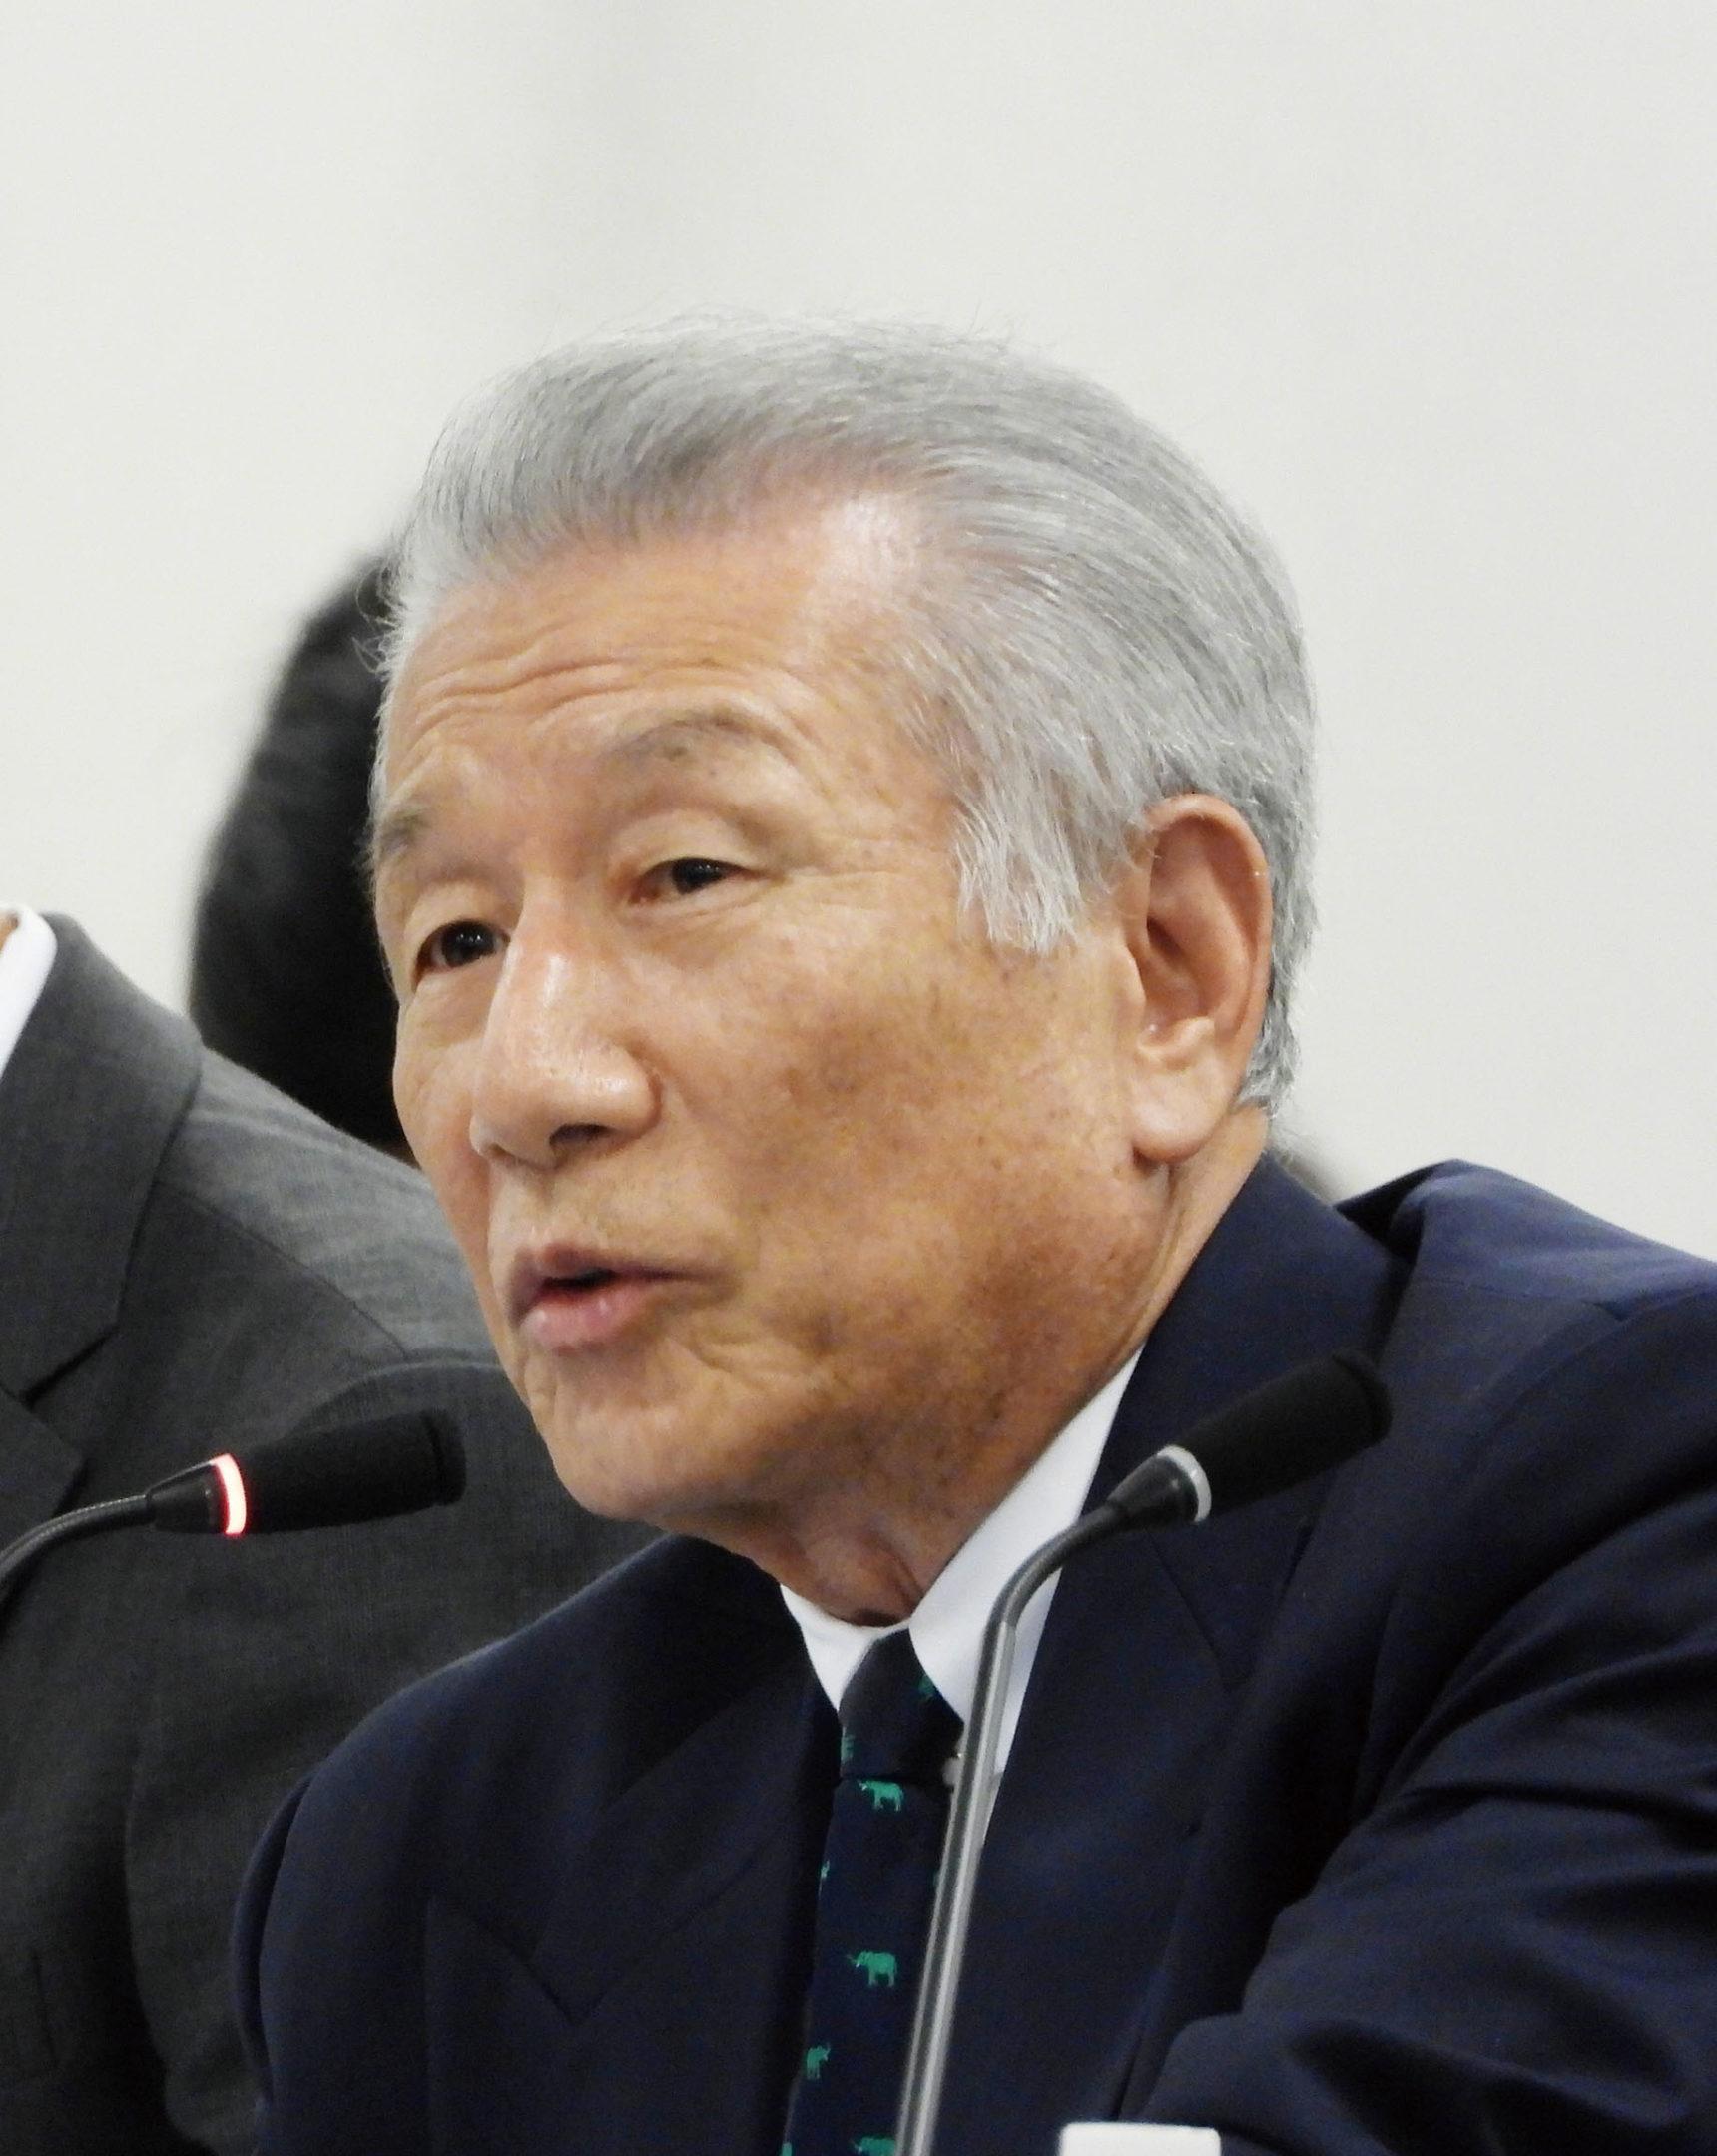 日本慢性期医療協会 会長 武久  洋三